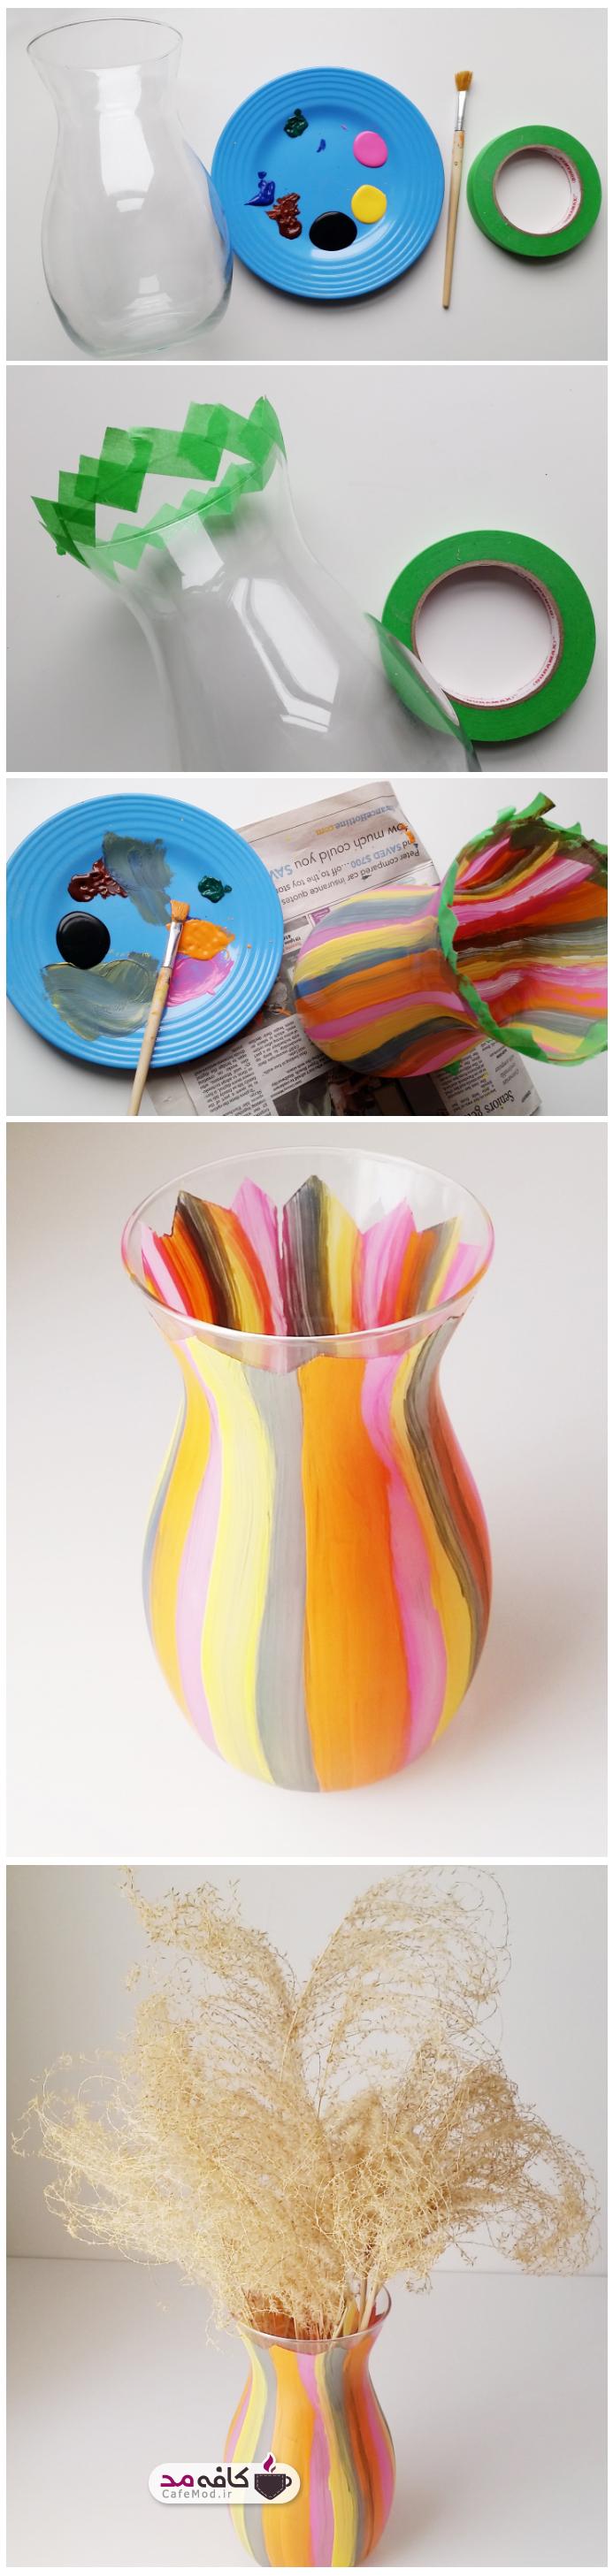 آموزش نقاشی روی گلدان شیشه ای